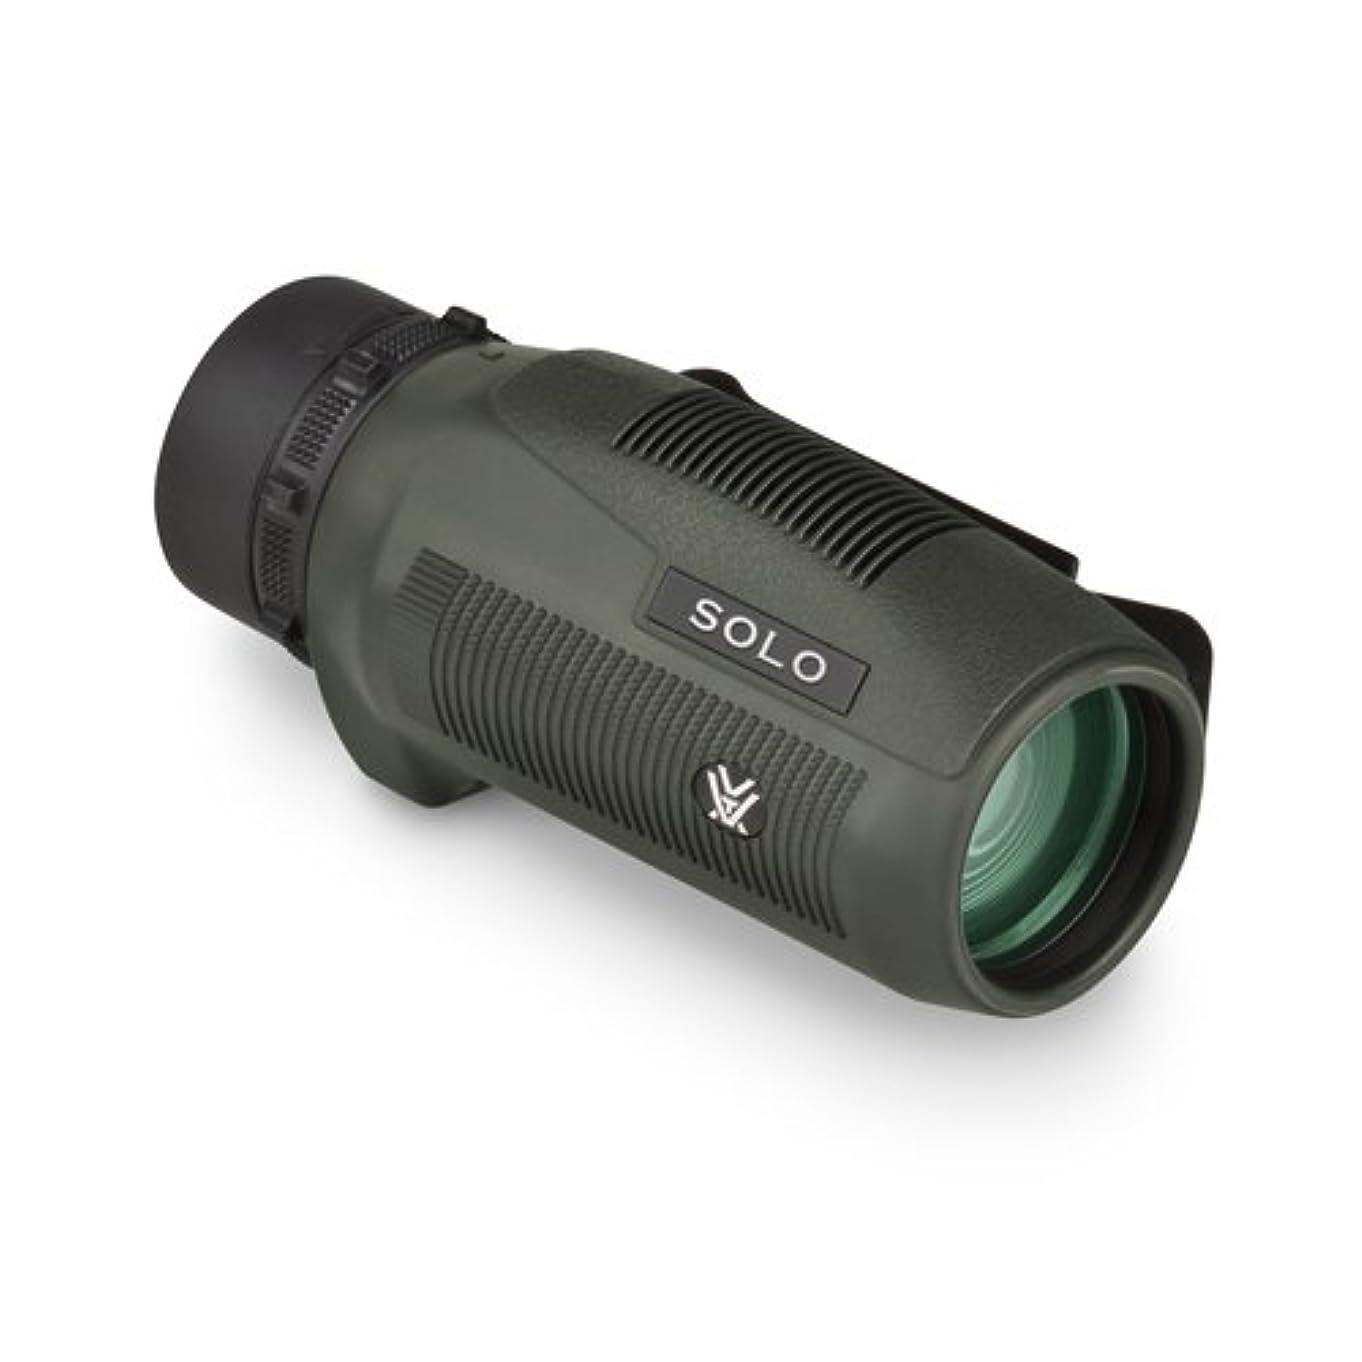 崇拝するフィラデルフィア原子VORTEX Solo 10x36 ダハプリズム 防水 単眼鏡 10倍36mm